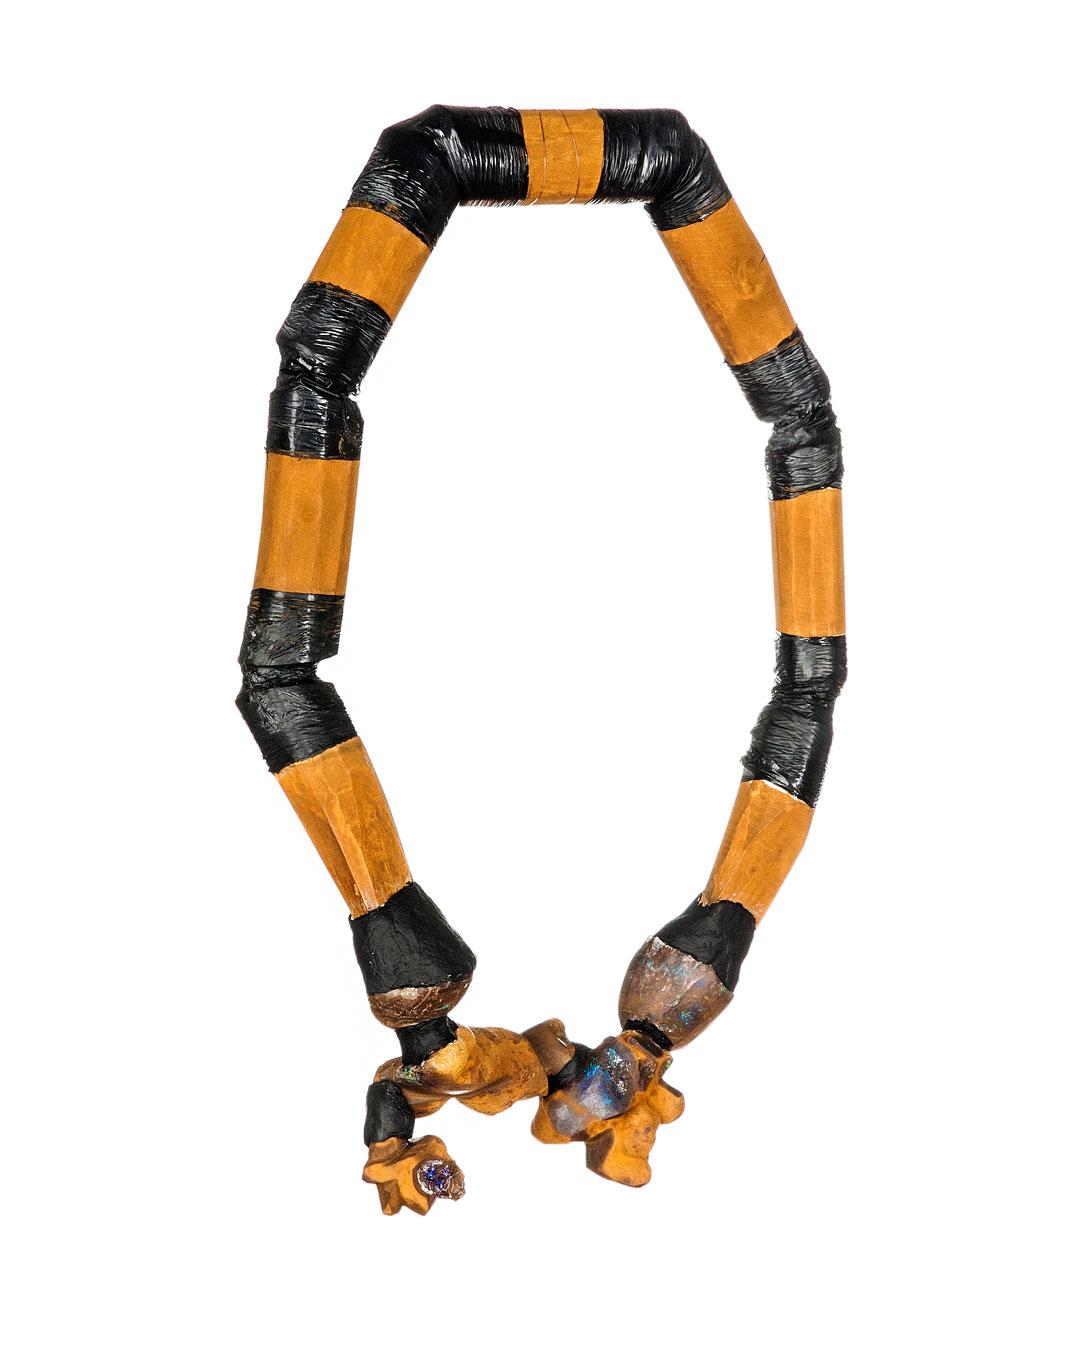 Levan Jishkariani, untitled, 2013, necklace; native opal, wood, plastic, 360 x 250 mm, €3390